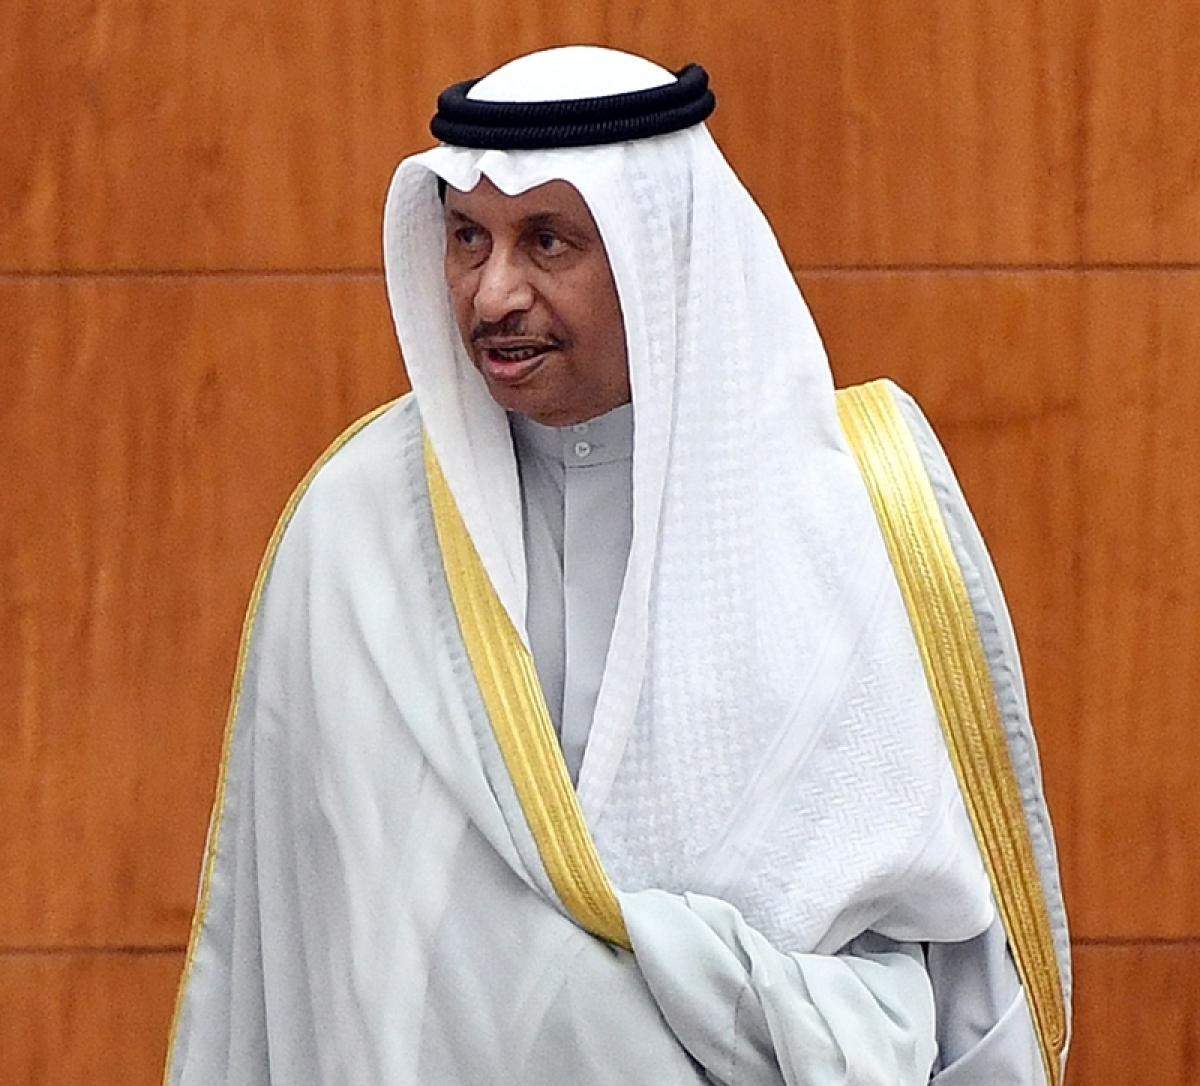 Kuwait PM Sheikh Jaber Mubarak Al-Sabah, cabinet quit after disputes with parliament